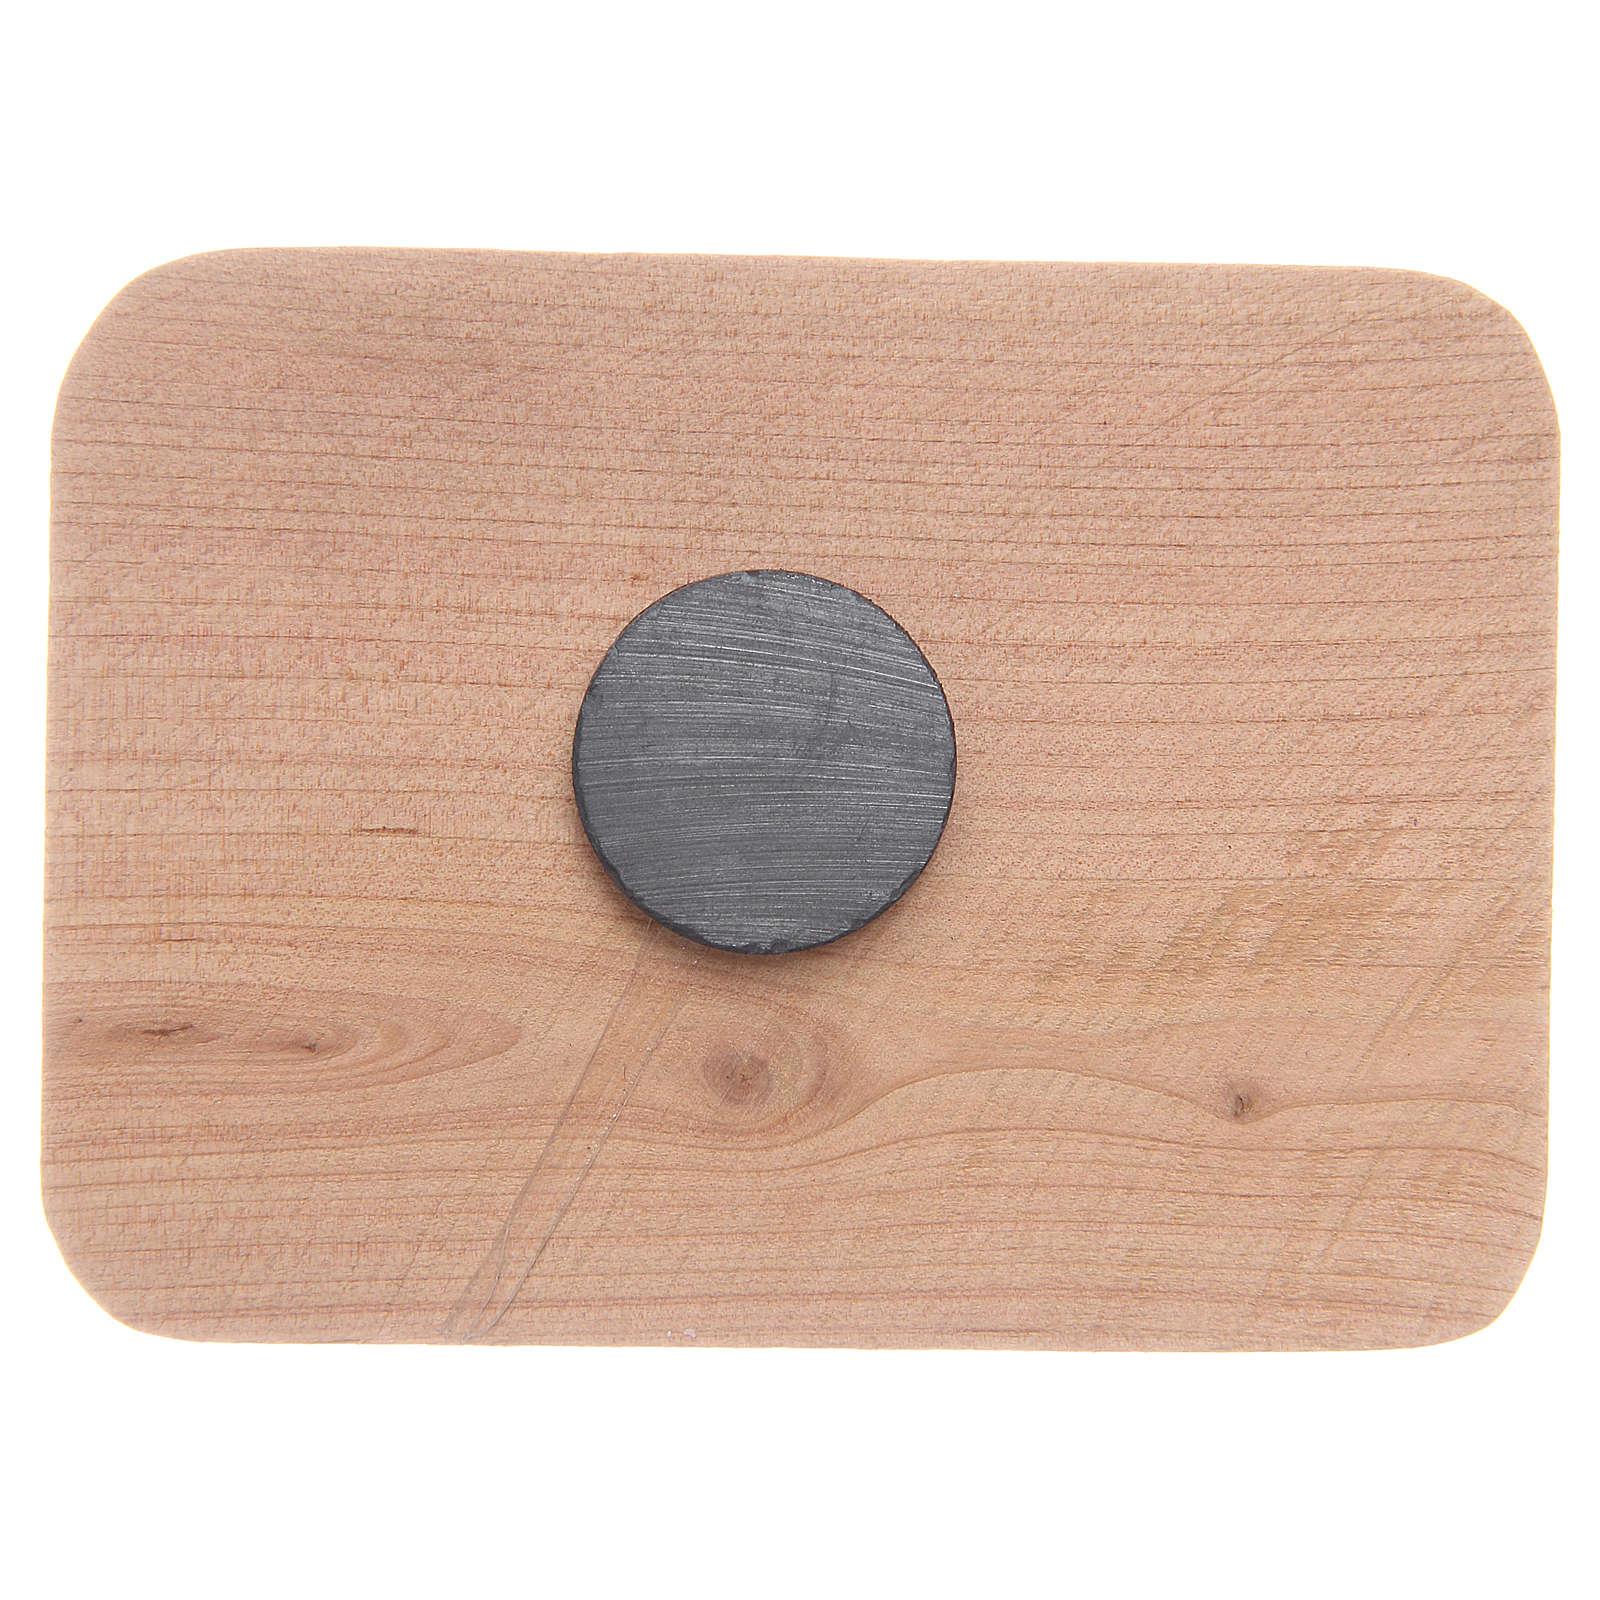 Imán madera olivo Medjugorje 8 x 5,5 cm 4